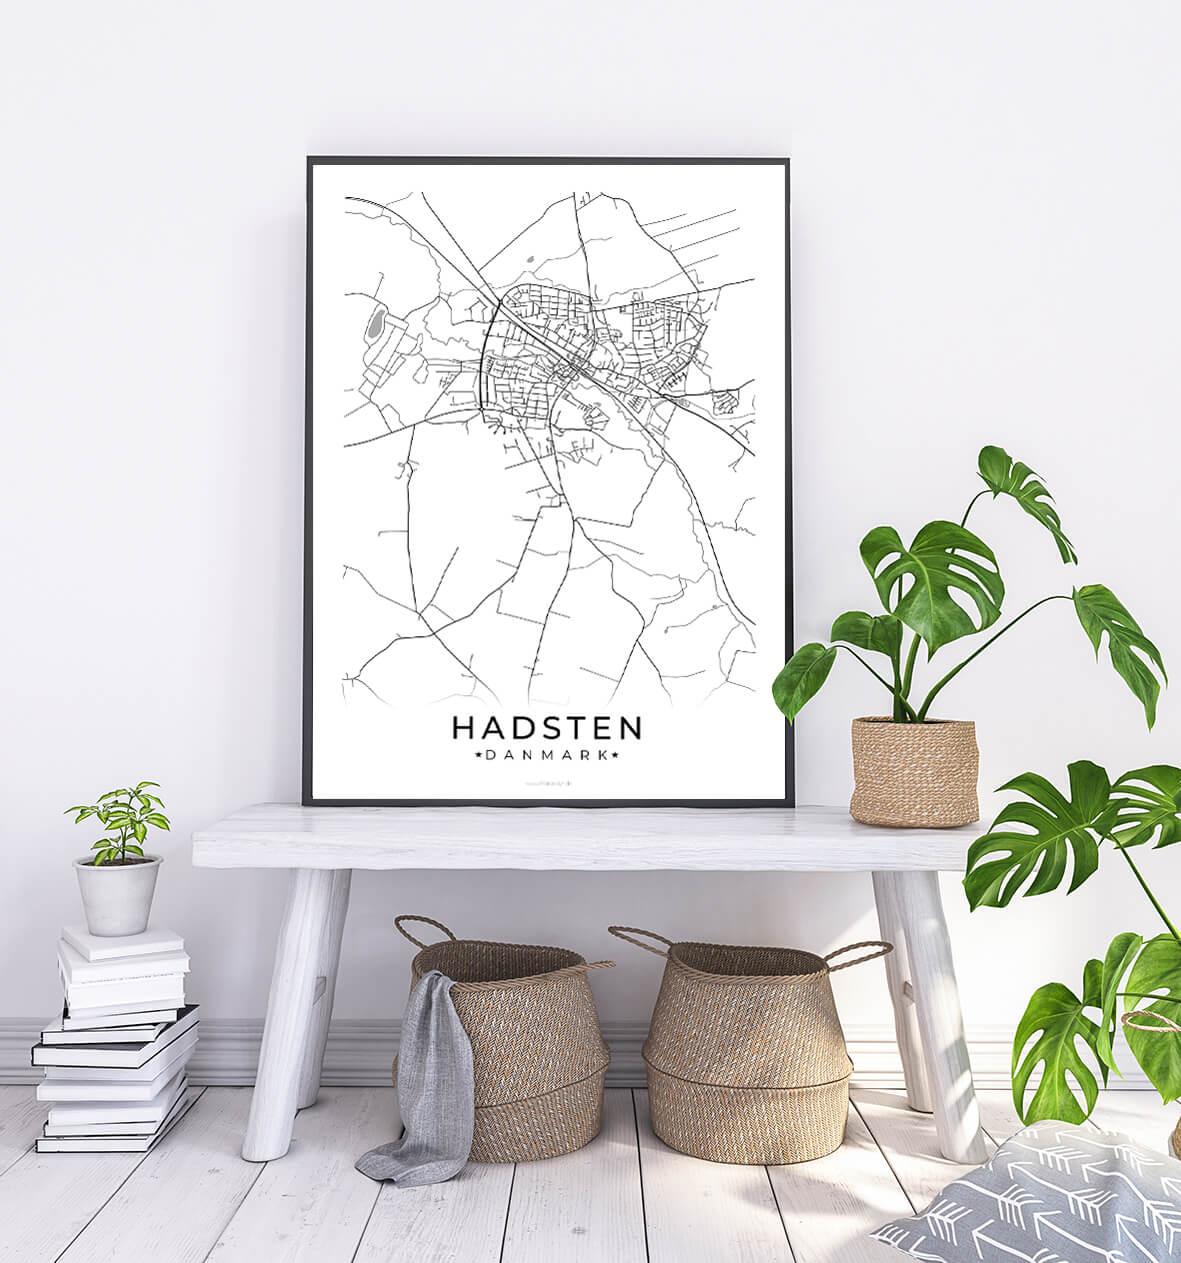 Hadsten-hvid-byplakat-1